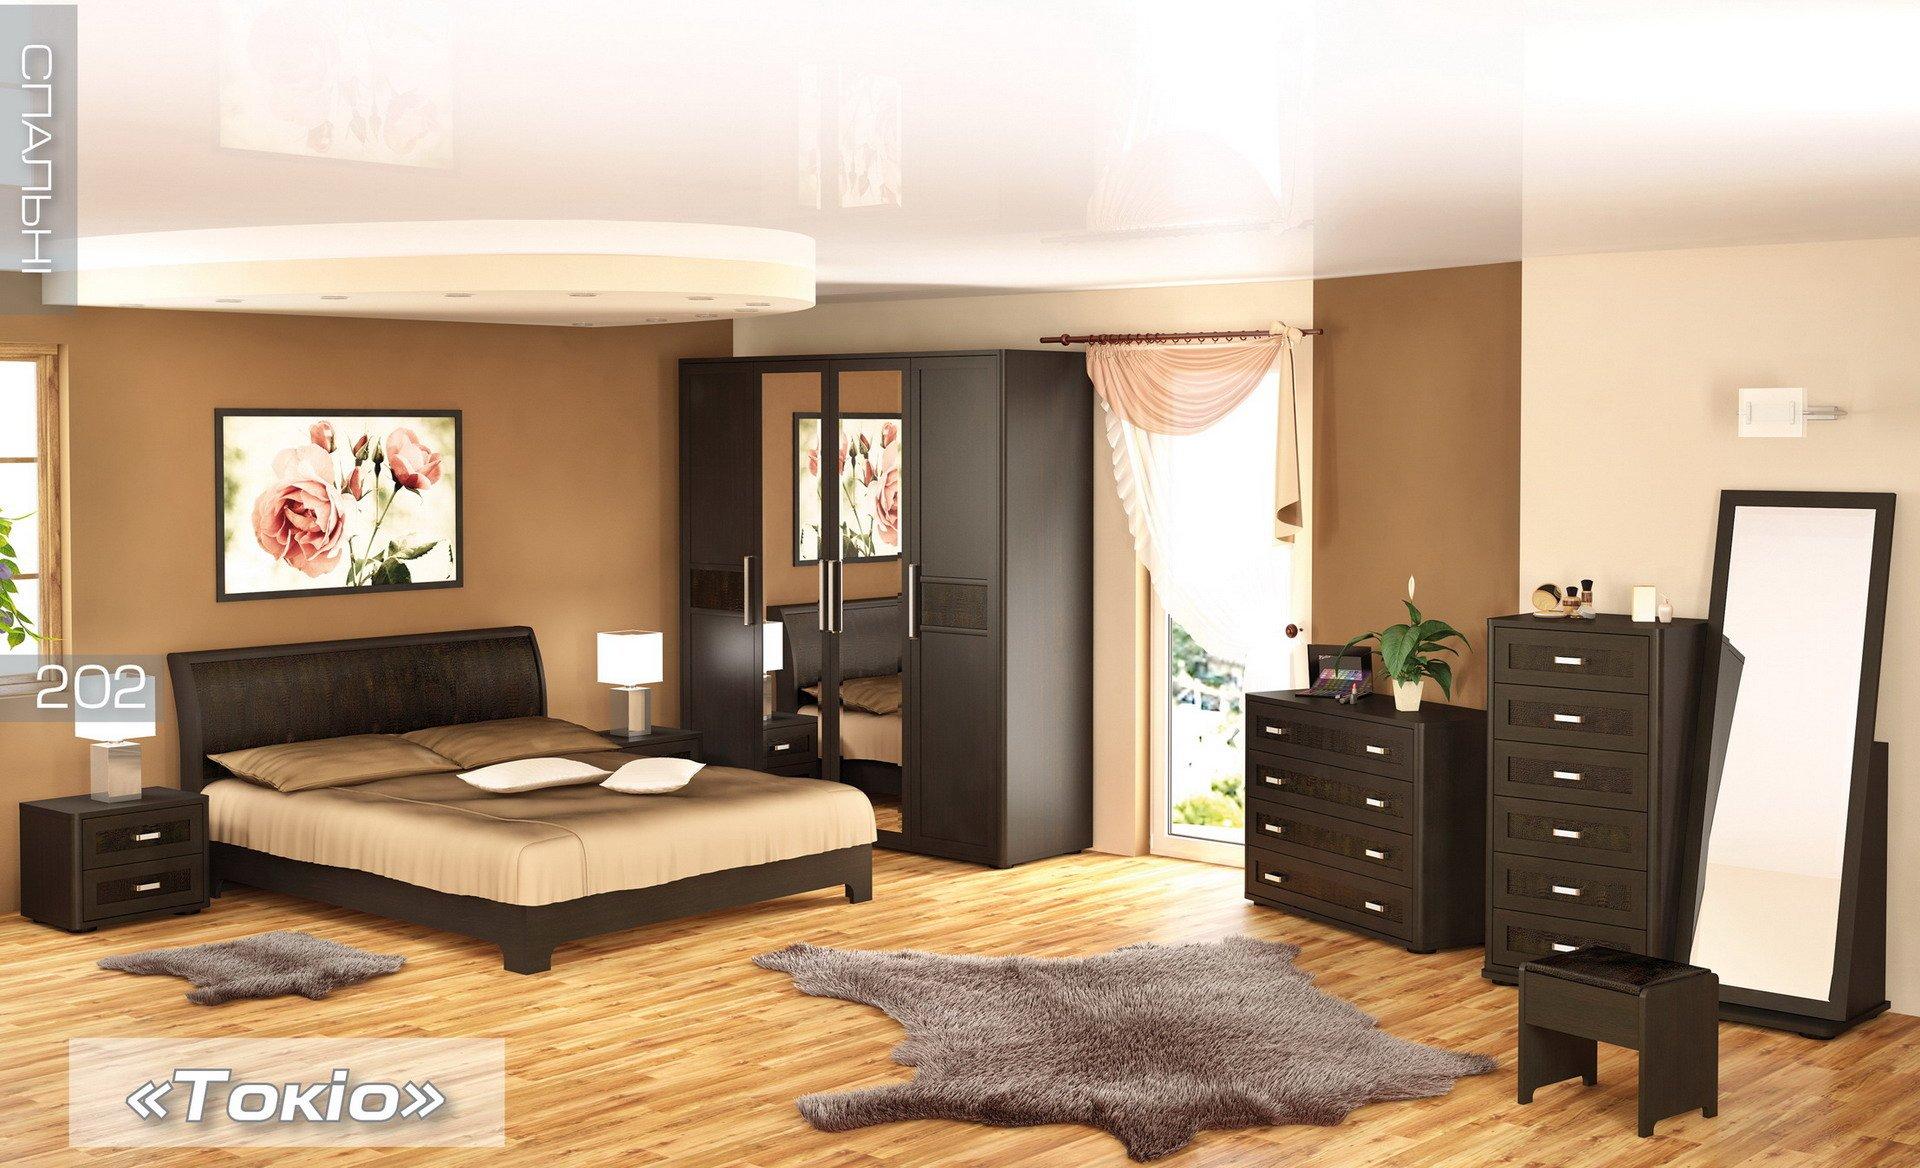 спальня токио от мебель сервис 318 грн продажа по украине